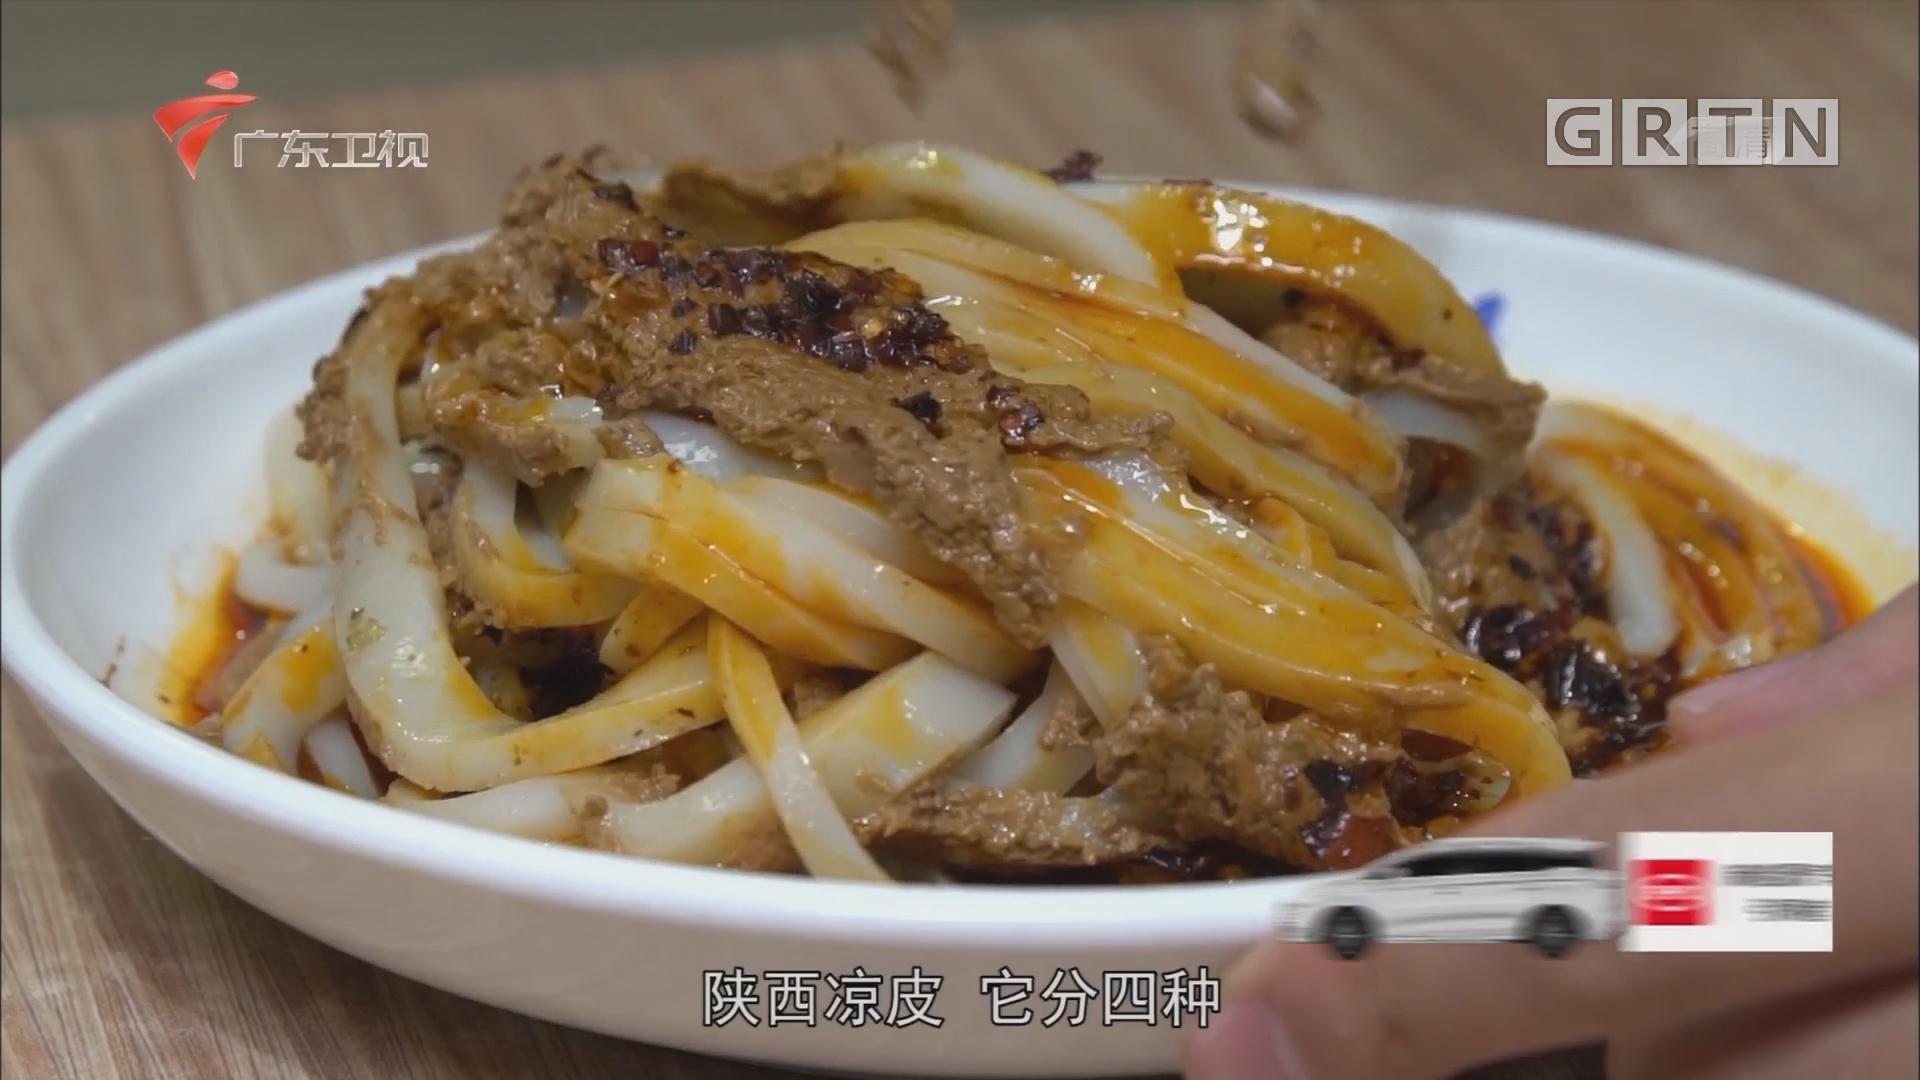 [HD][2017-10-19]零点食神:盛志望麻酱酿皮